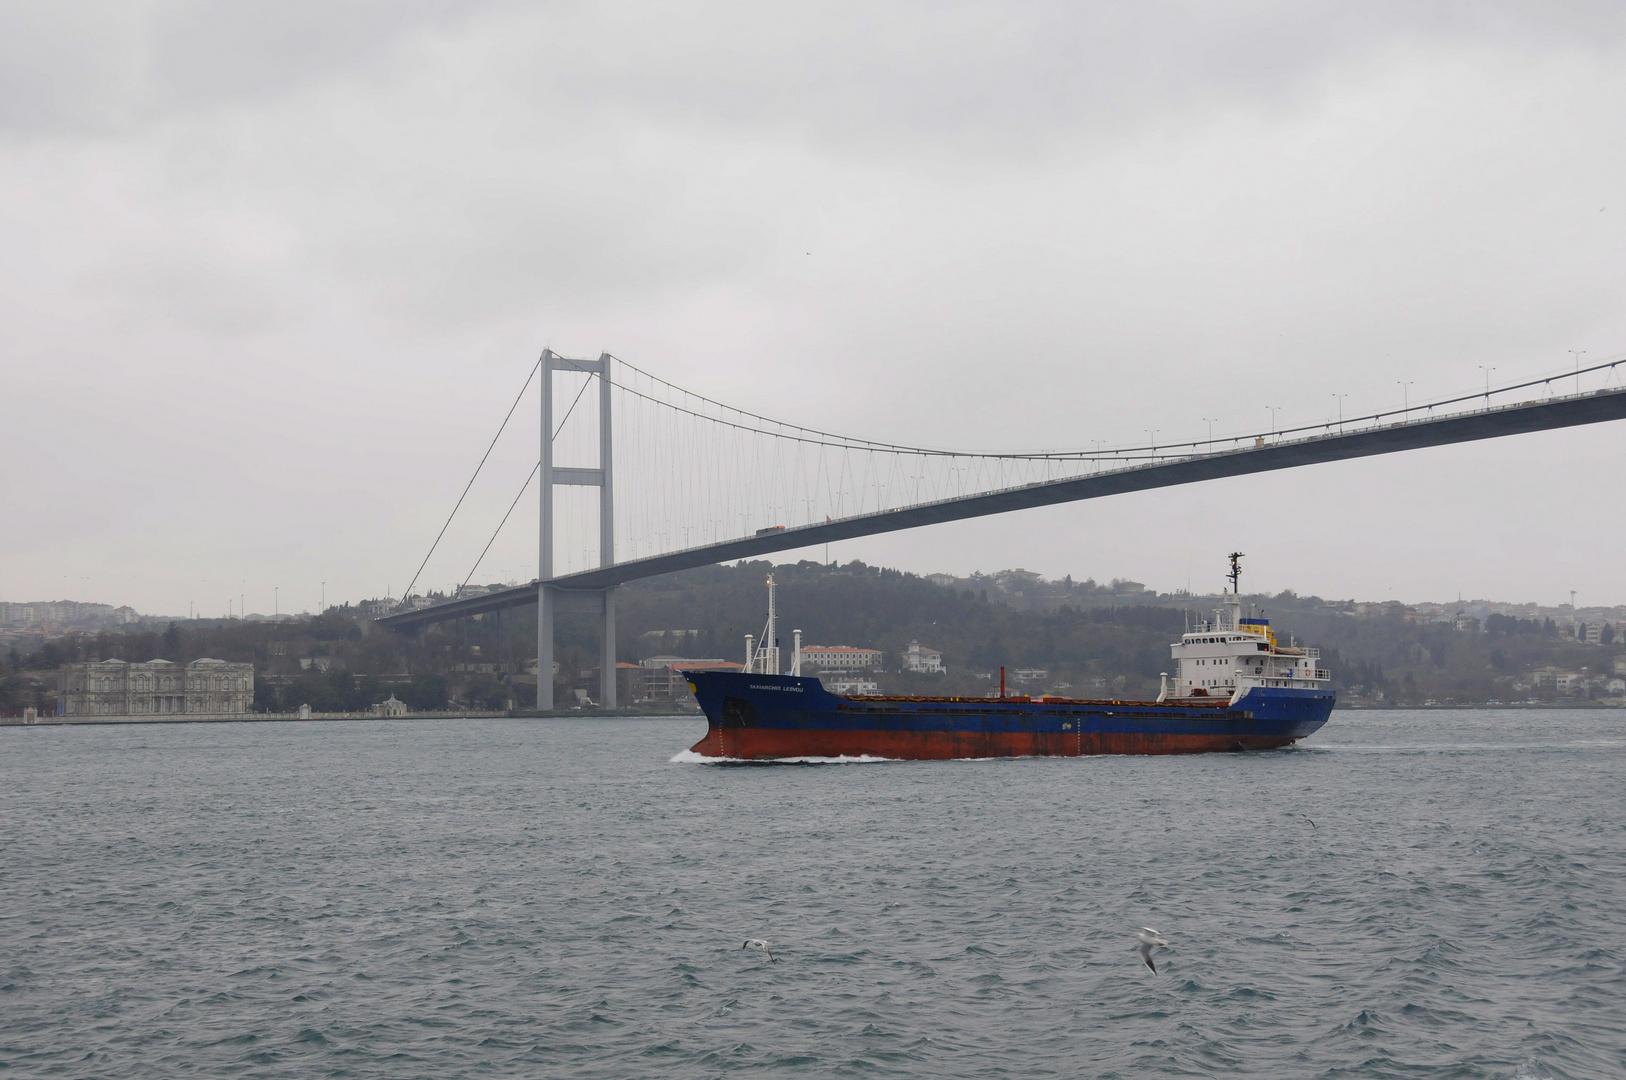 Schiff unter der Bosperusbrücke Istanbul